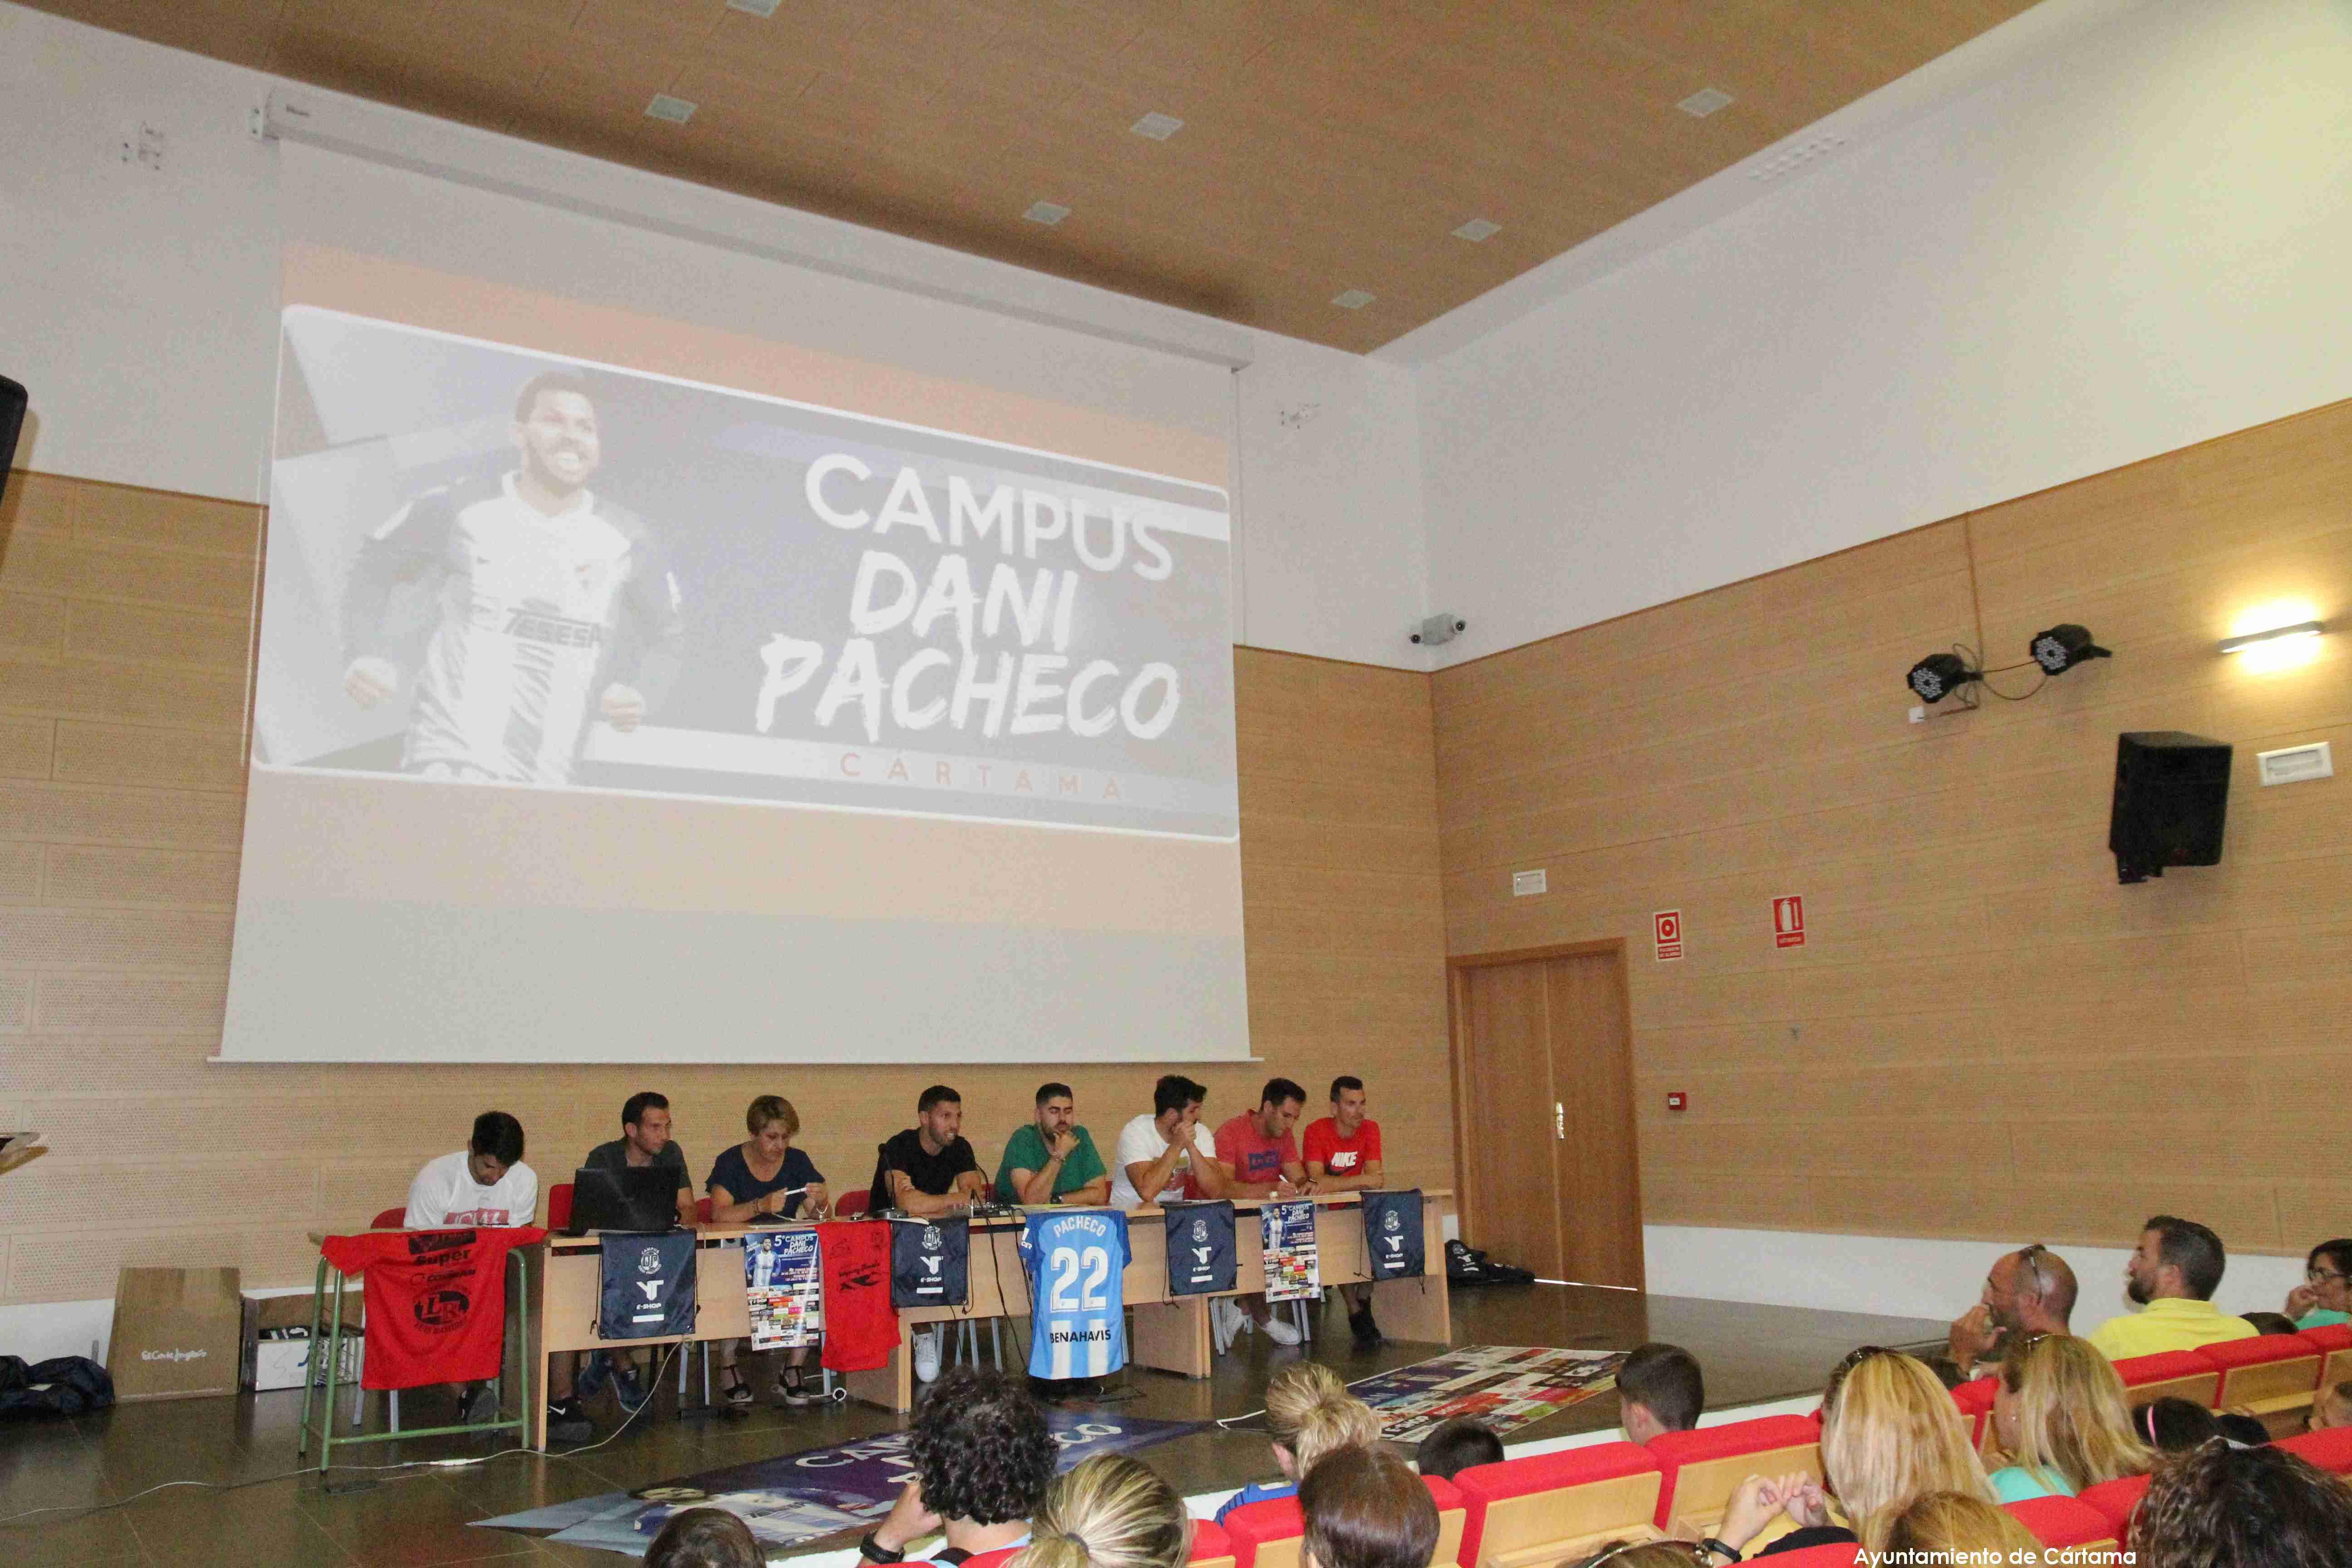 V Campus de Fútbol Dani Pacheco Cártama